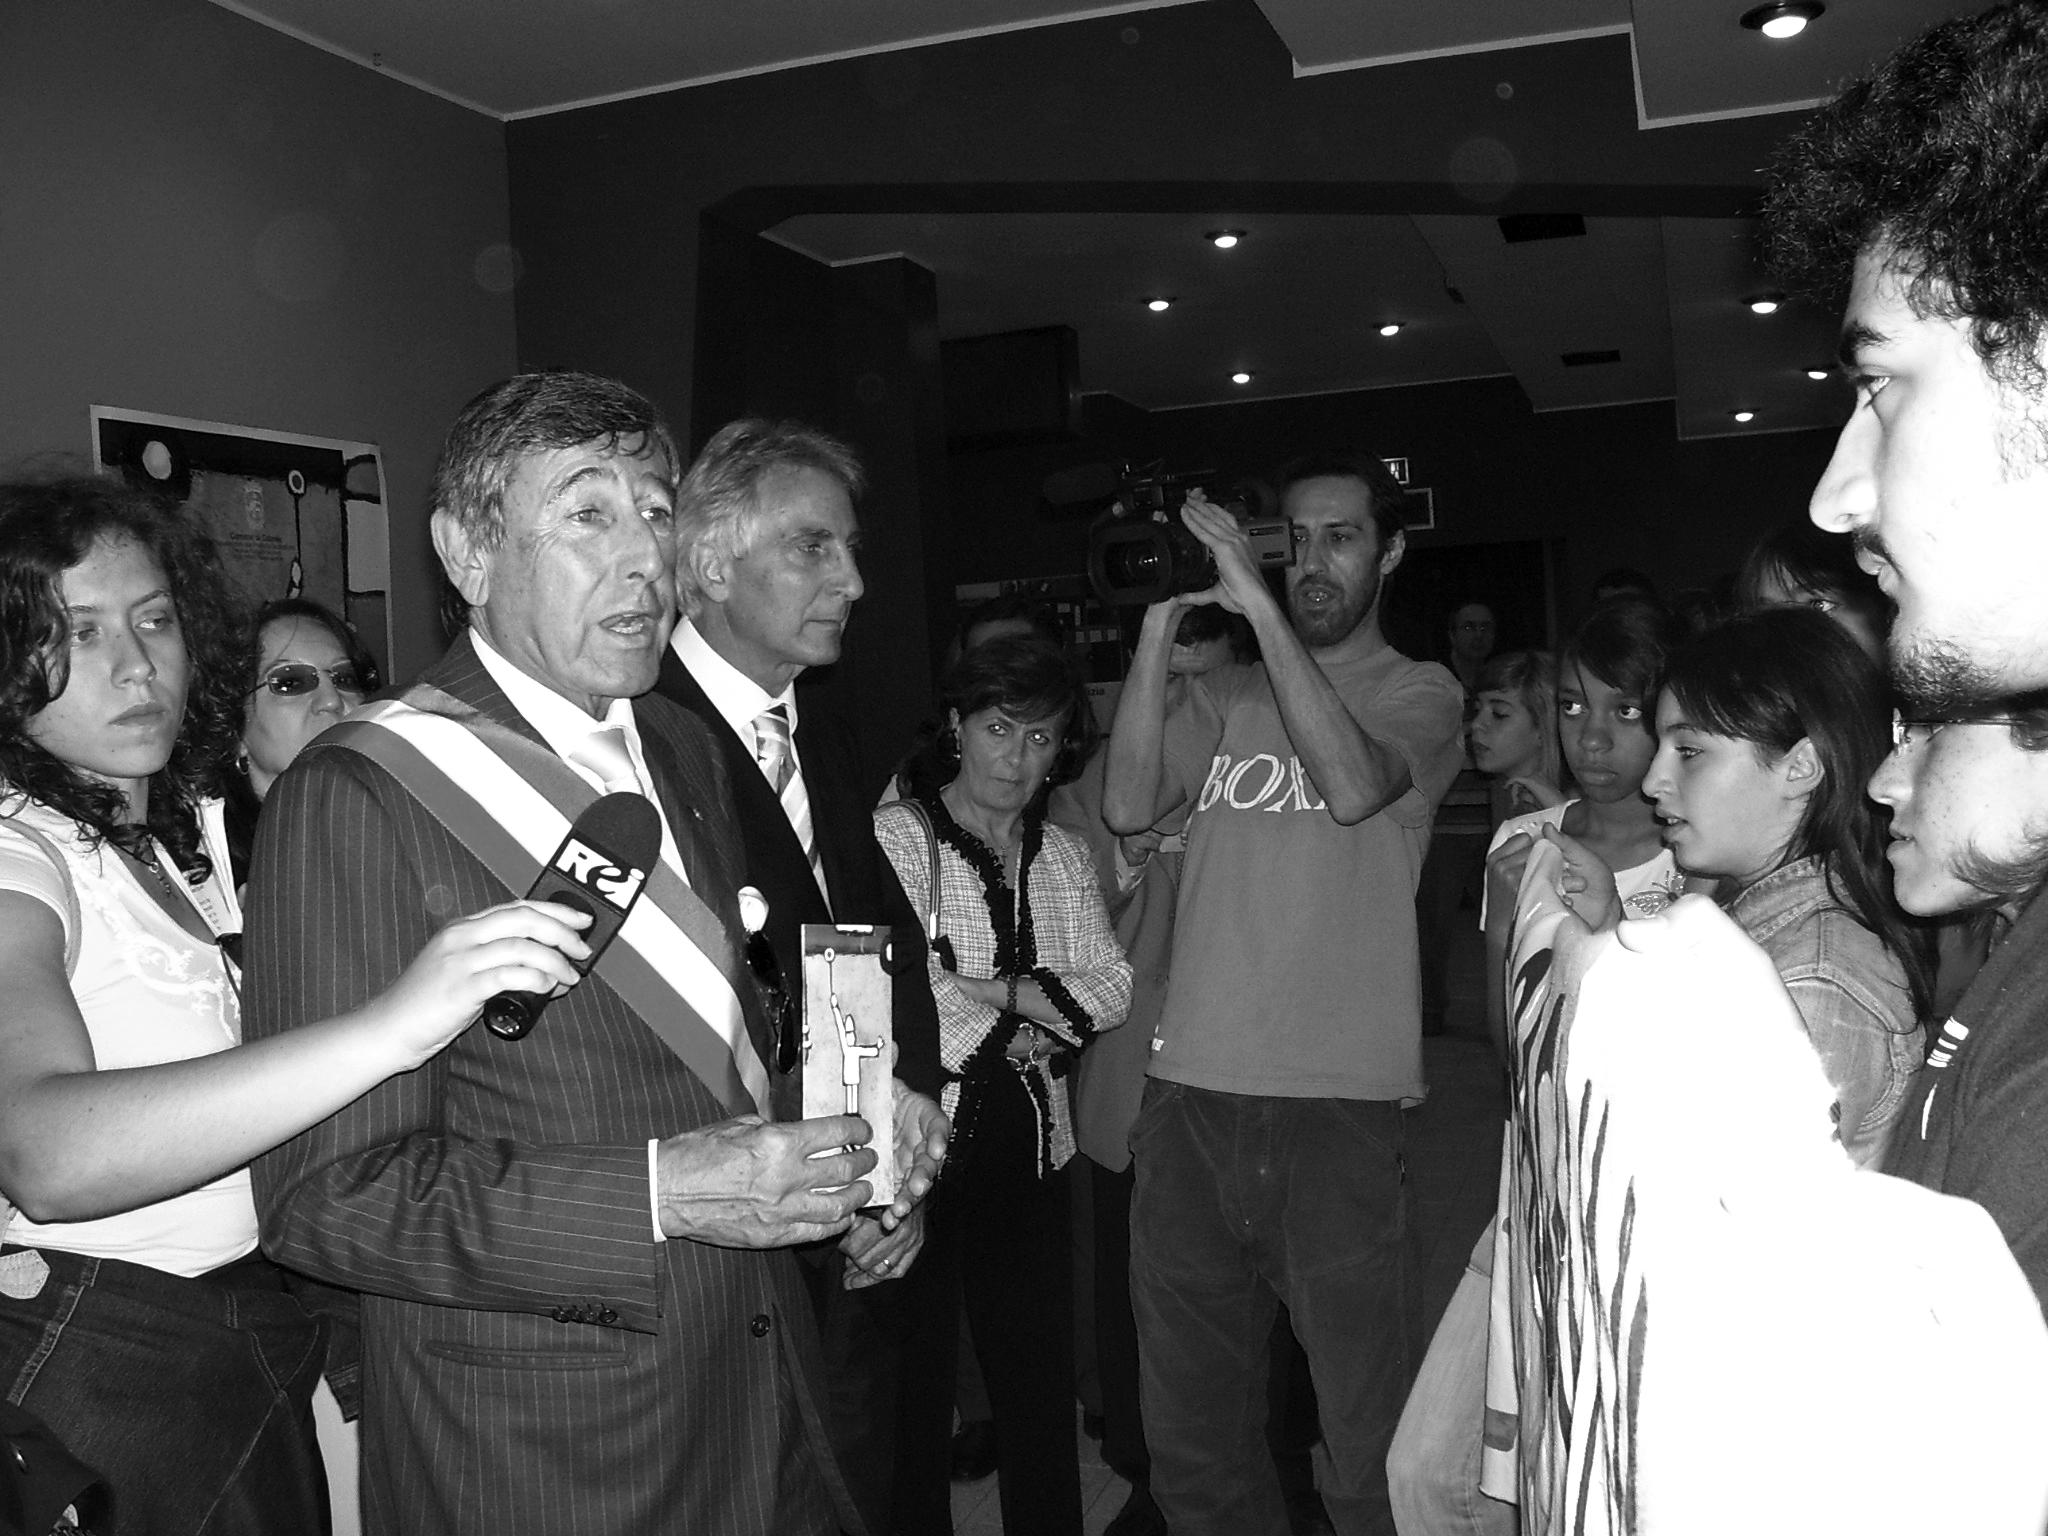 Il sindaco Scapagnini e l'assessore Maimone (foto Giuseppe Scatà)